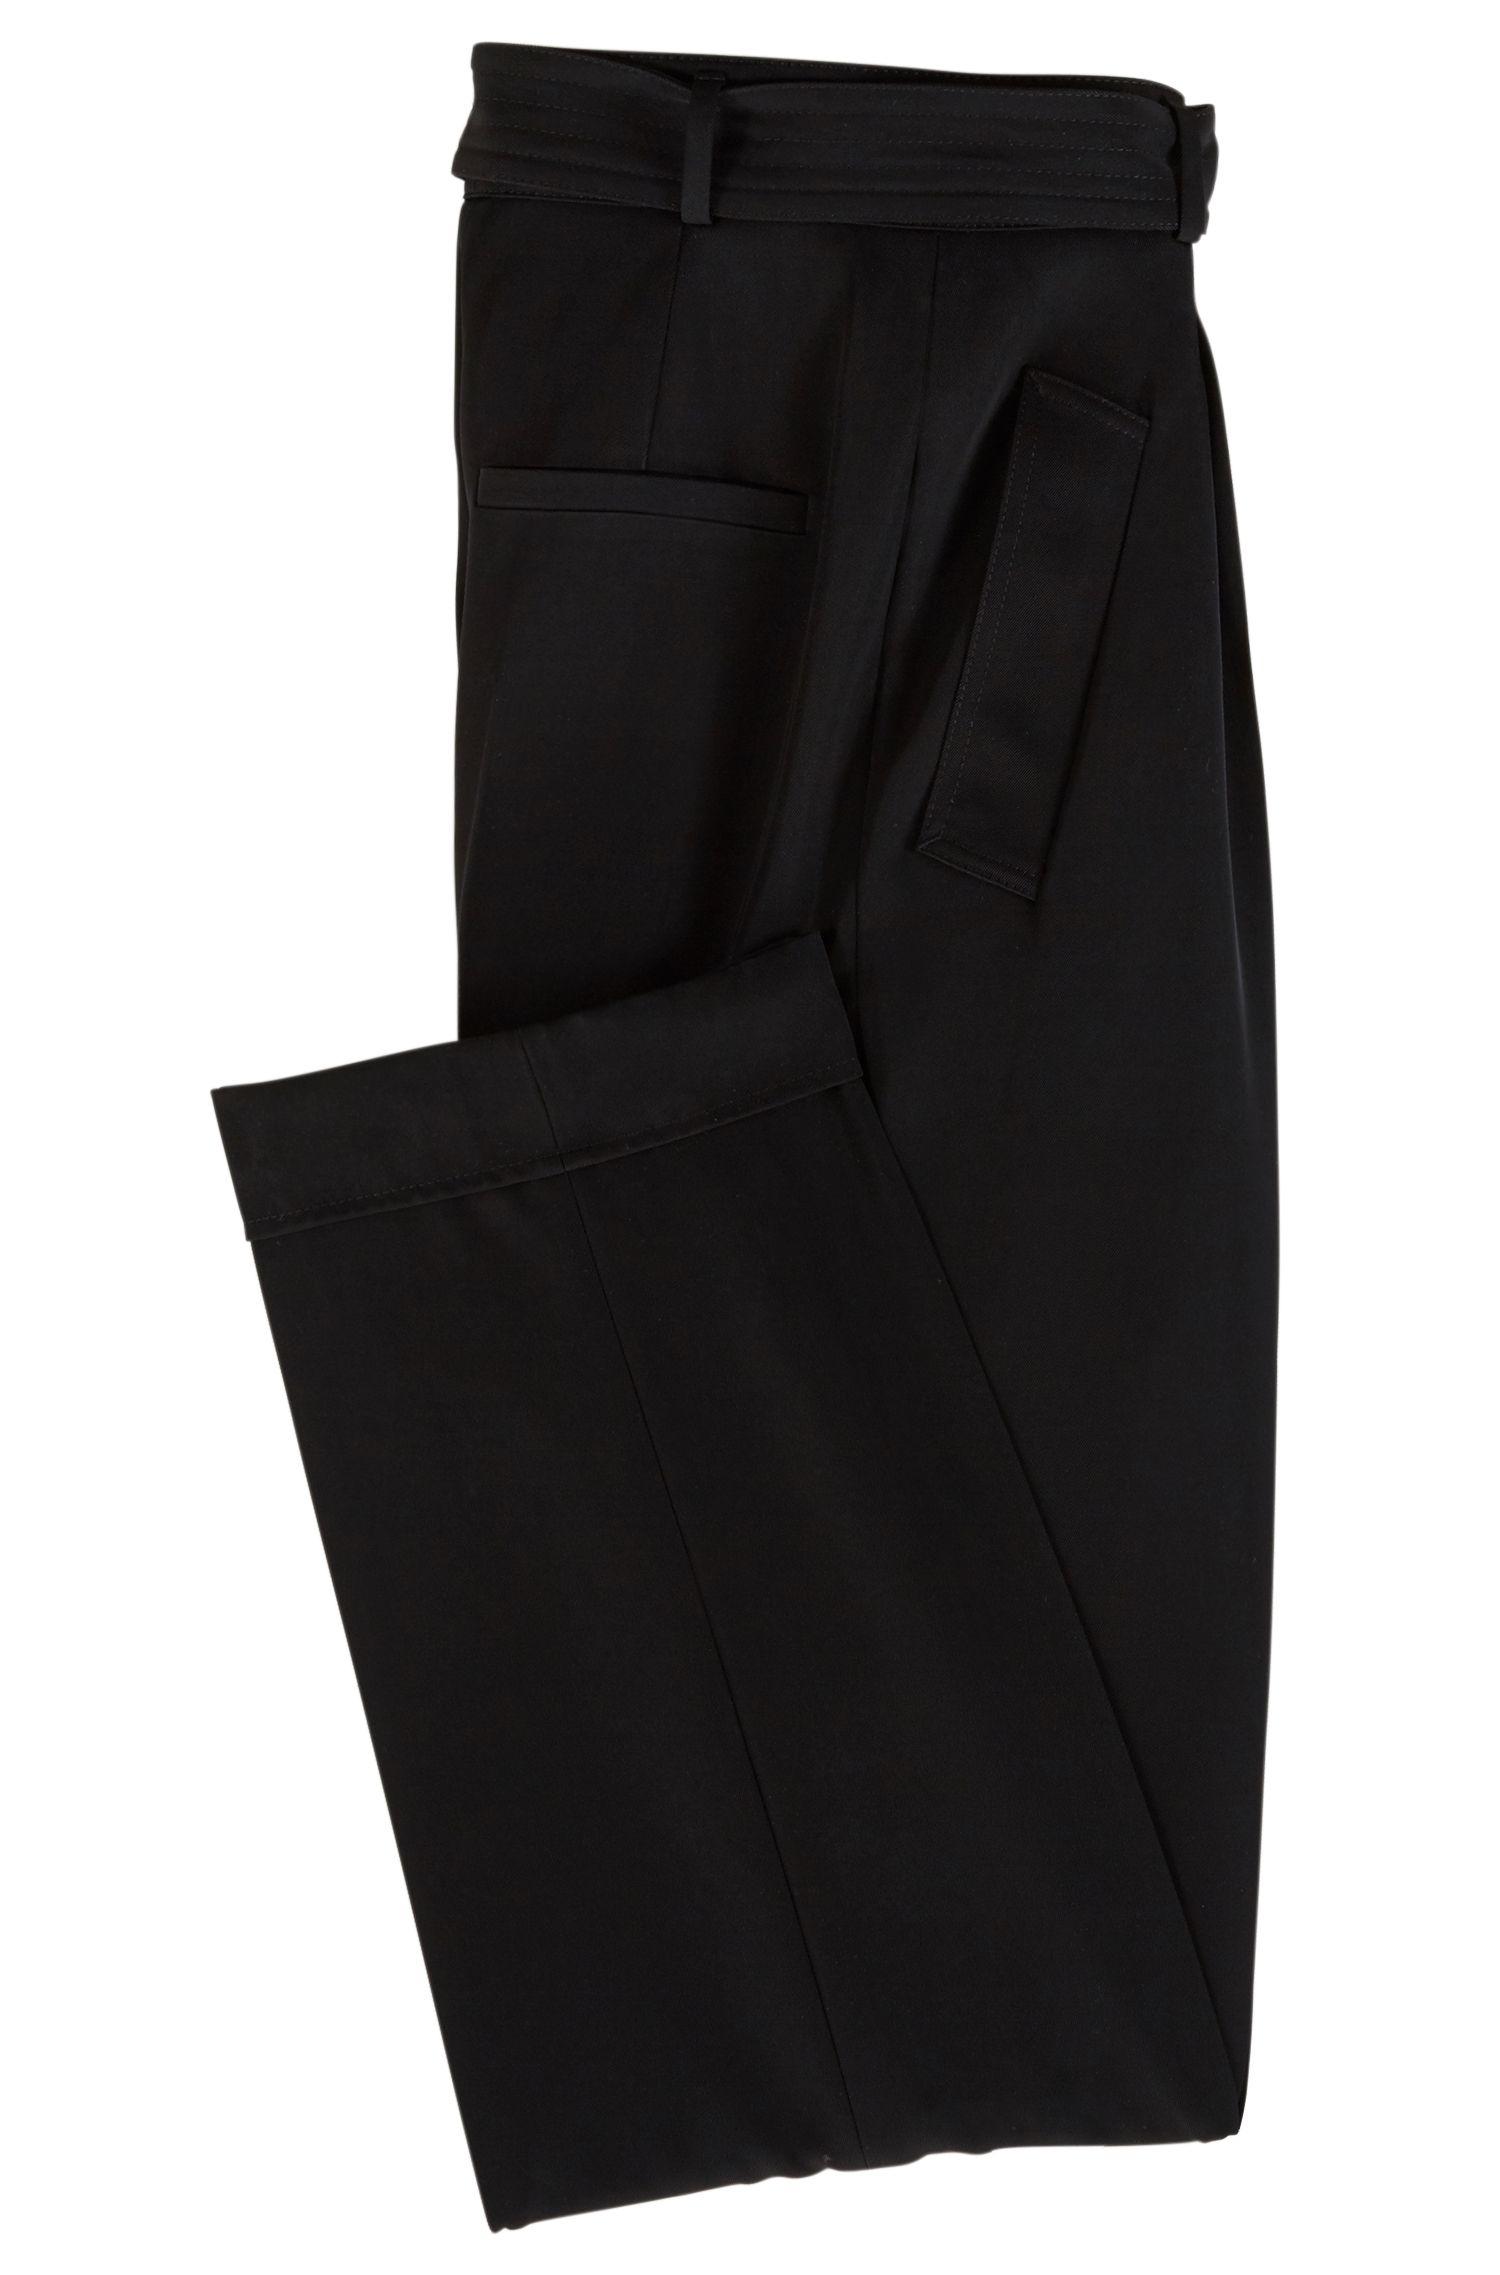 Regular-Fit Hose mit hohem Bund, weitem Beinverlauf und Taillengürtel, Schwarz